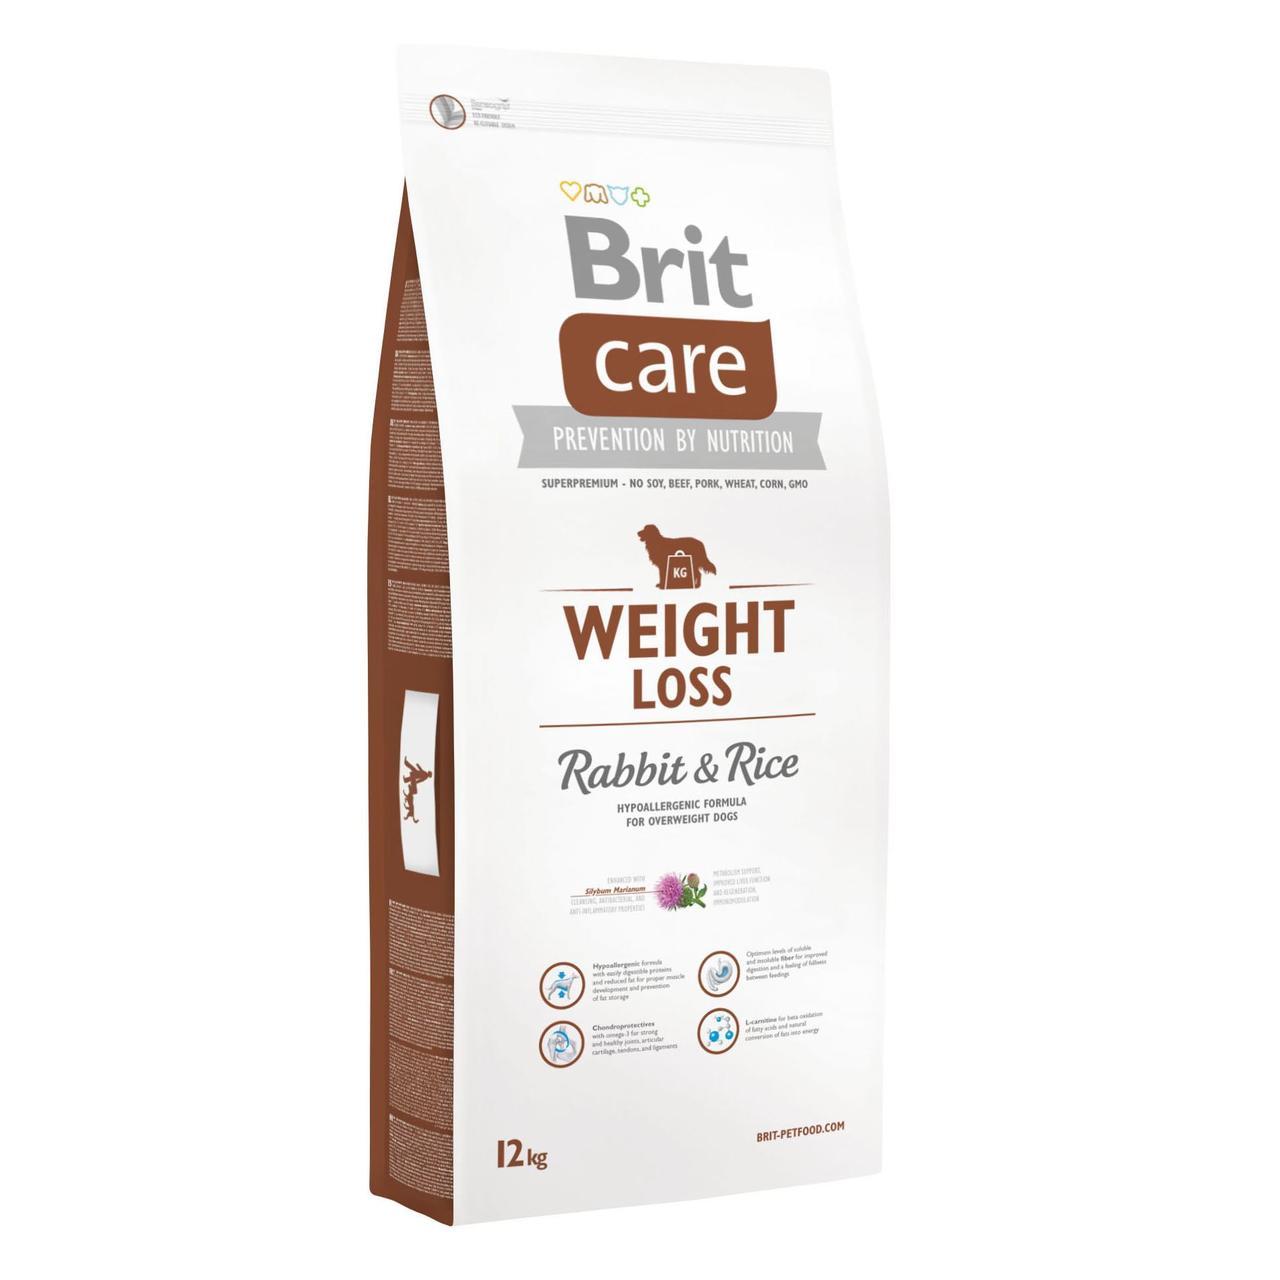 Сухой корм для собак с лишним весом Brit Care Weight Loss Rabbit & Rice 12 кг (кролик и рис)